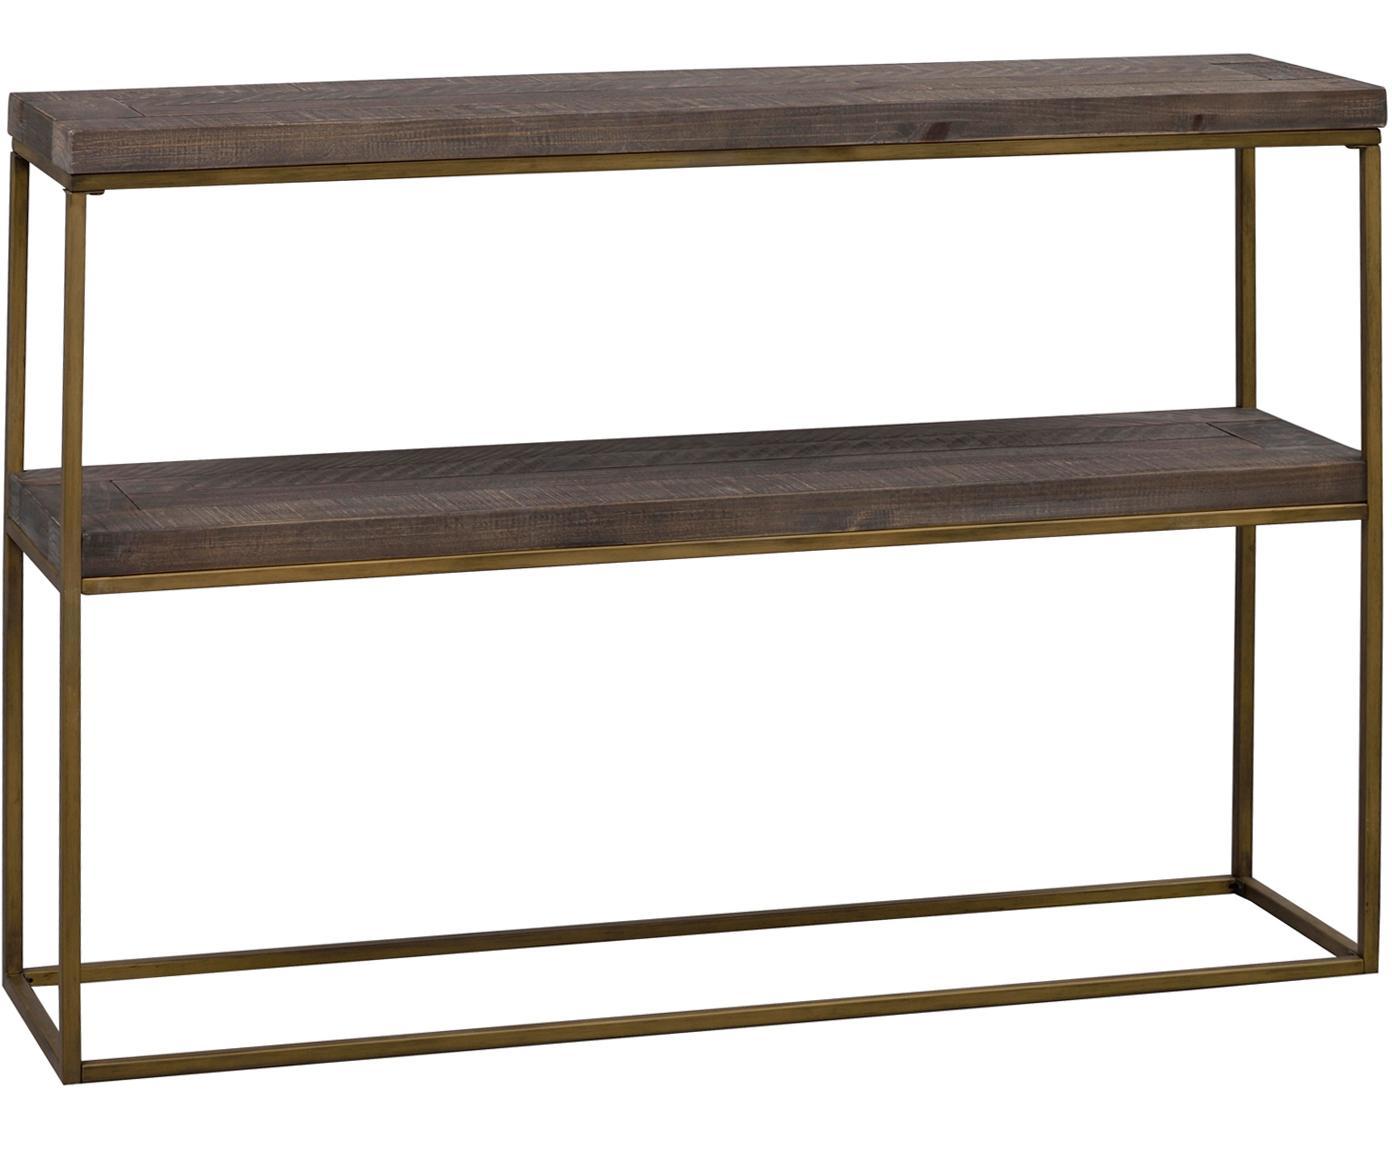 Sidetable Dalton, Frame: gelakt metaal, Planken: grijsbruin met zichtbare houtstructuur. Frame: goudkleurig, 121 x 84 cm